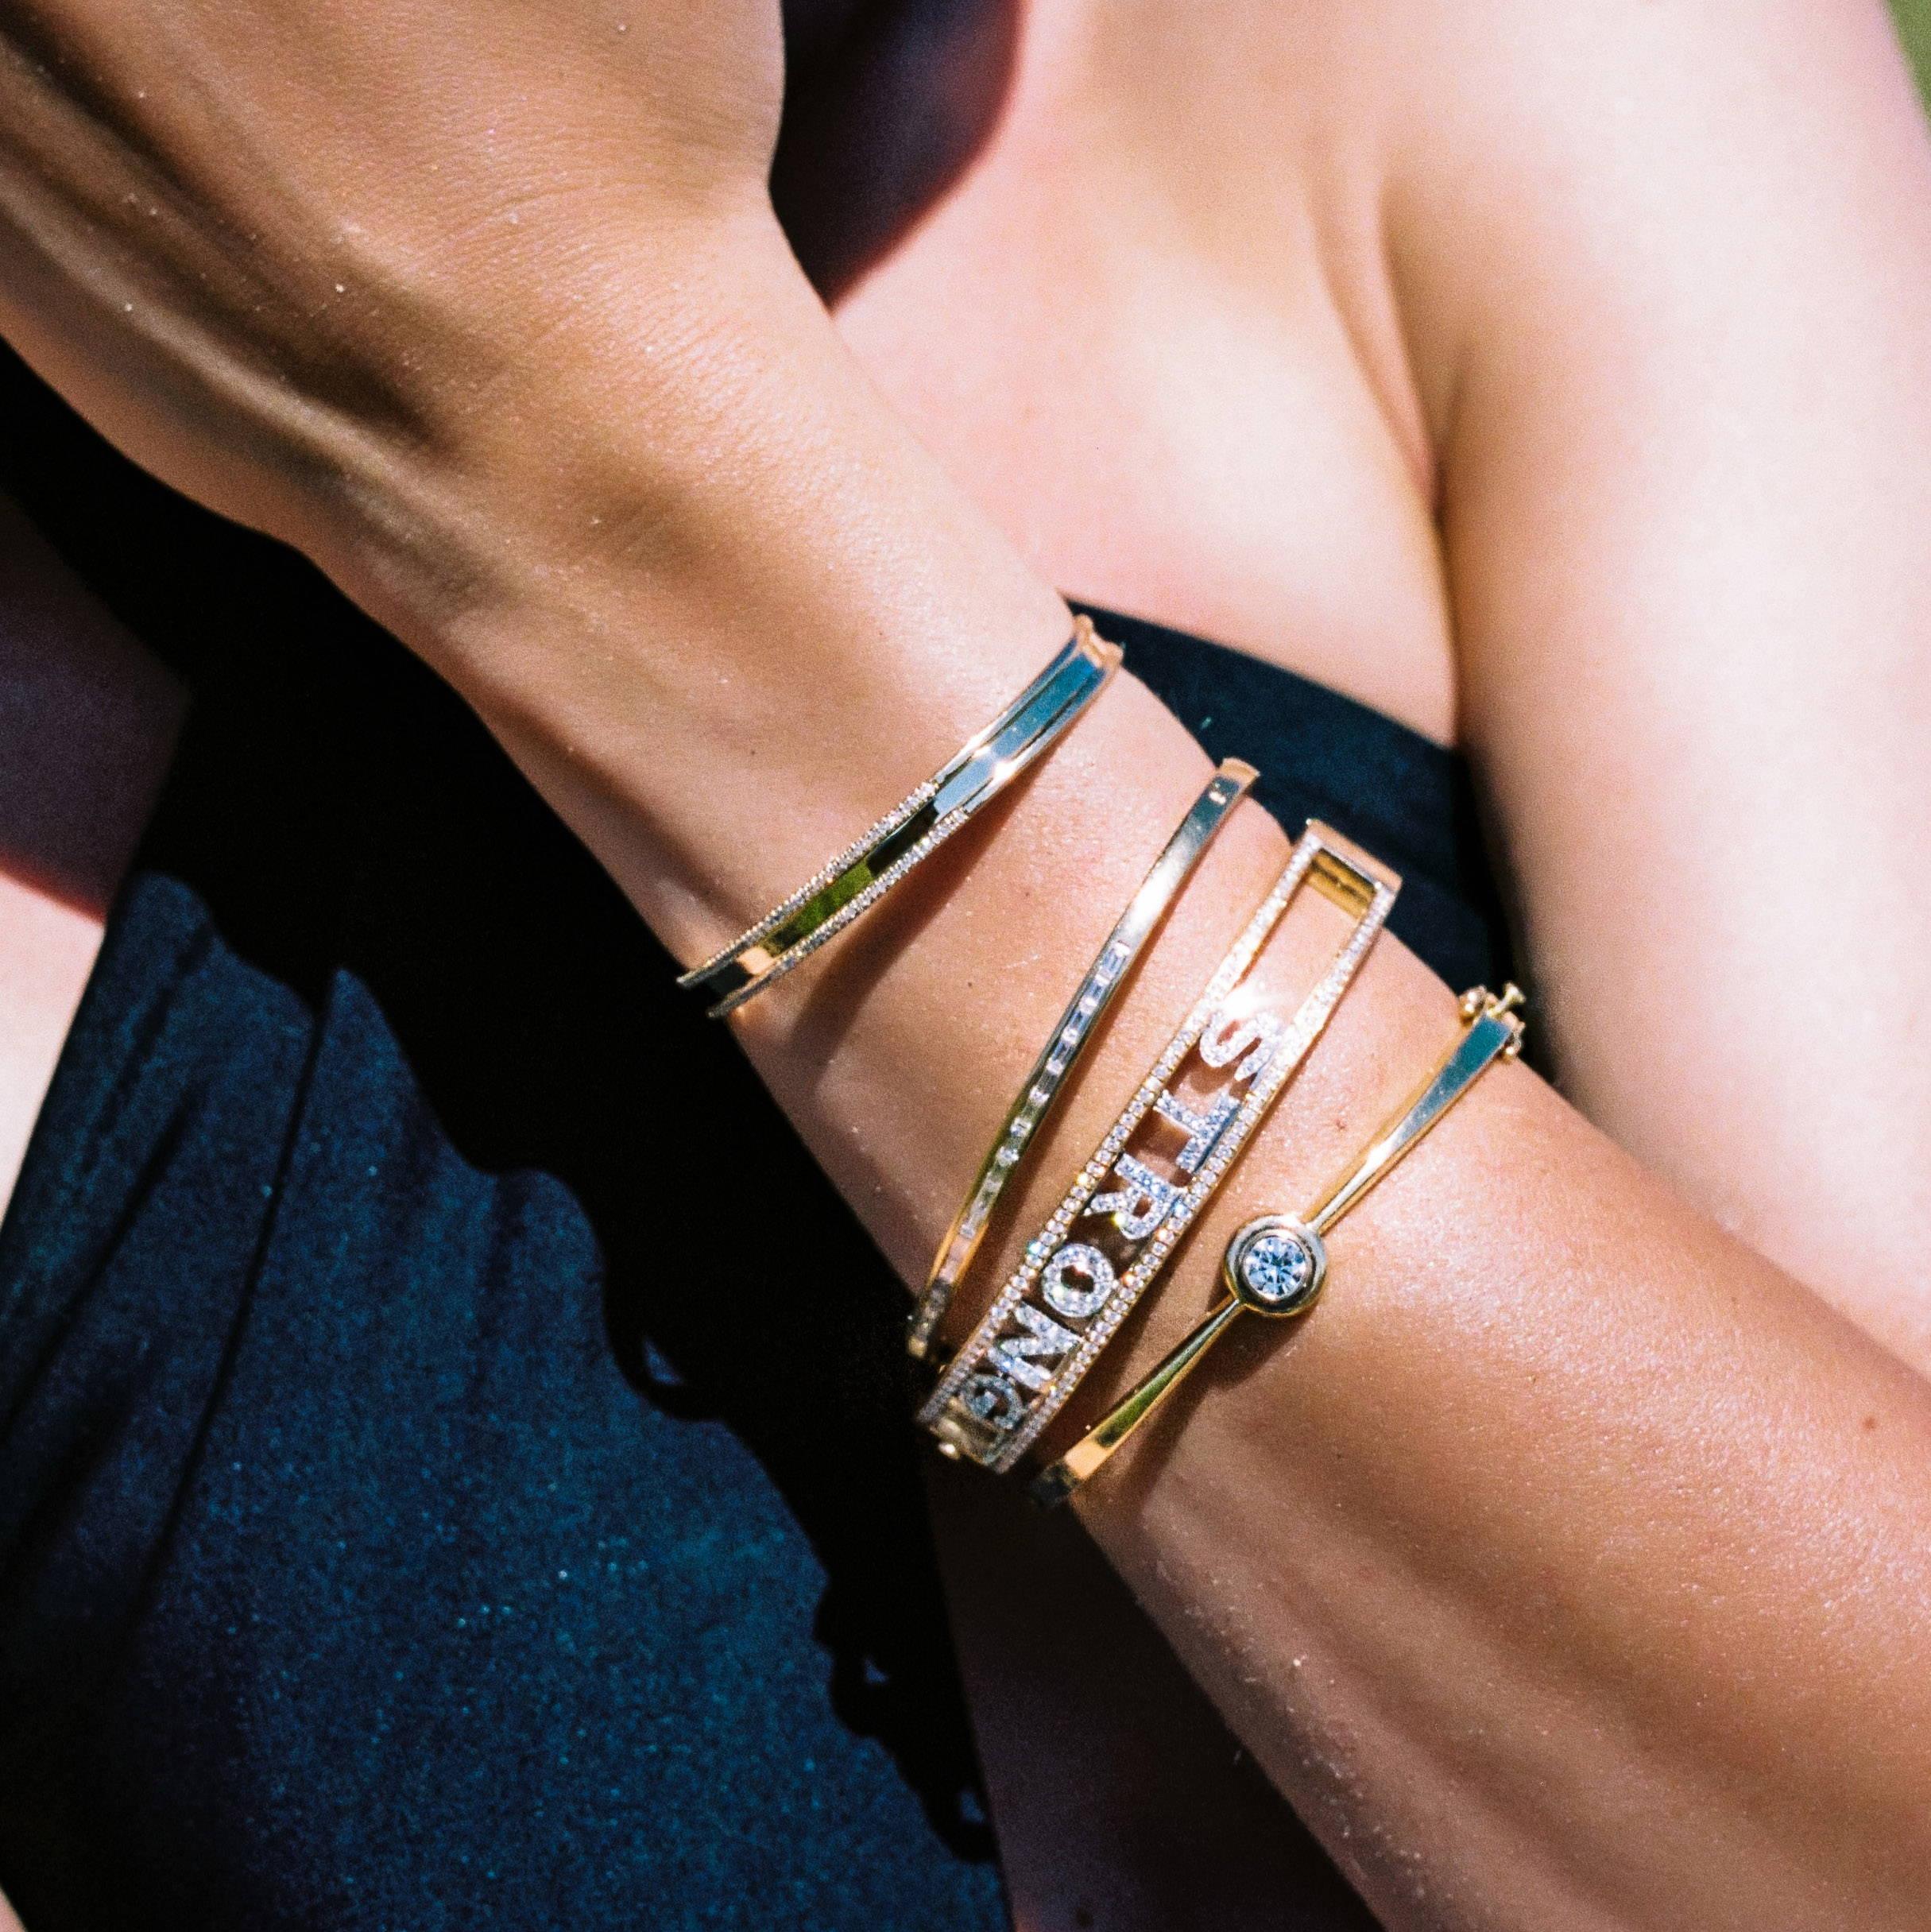 bracelets on wrist